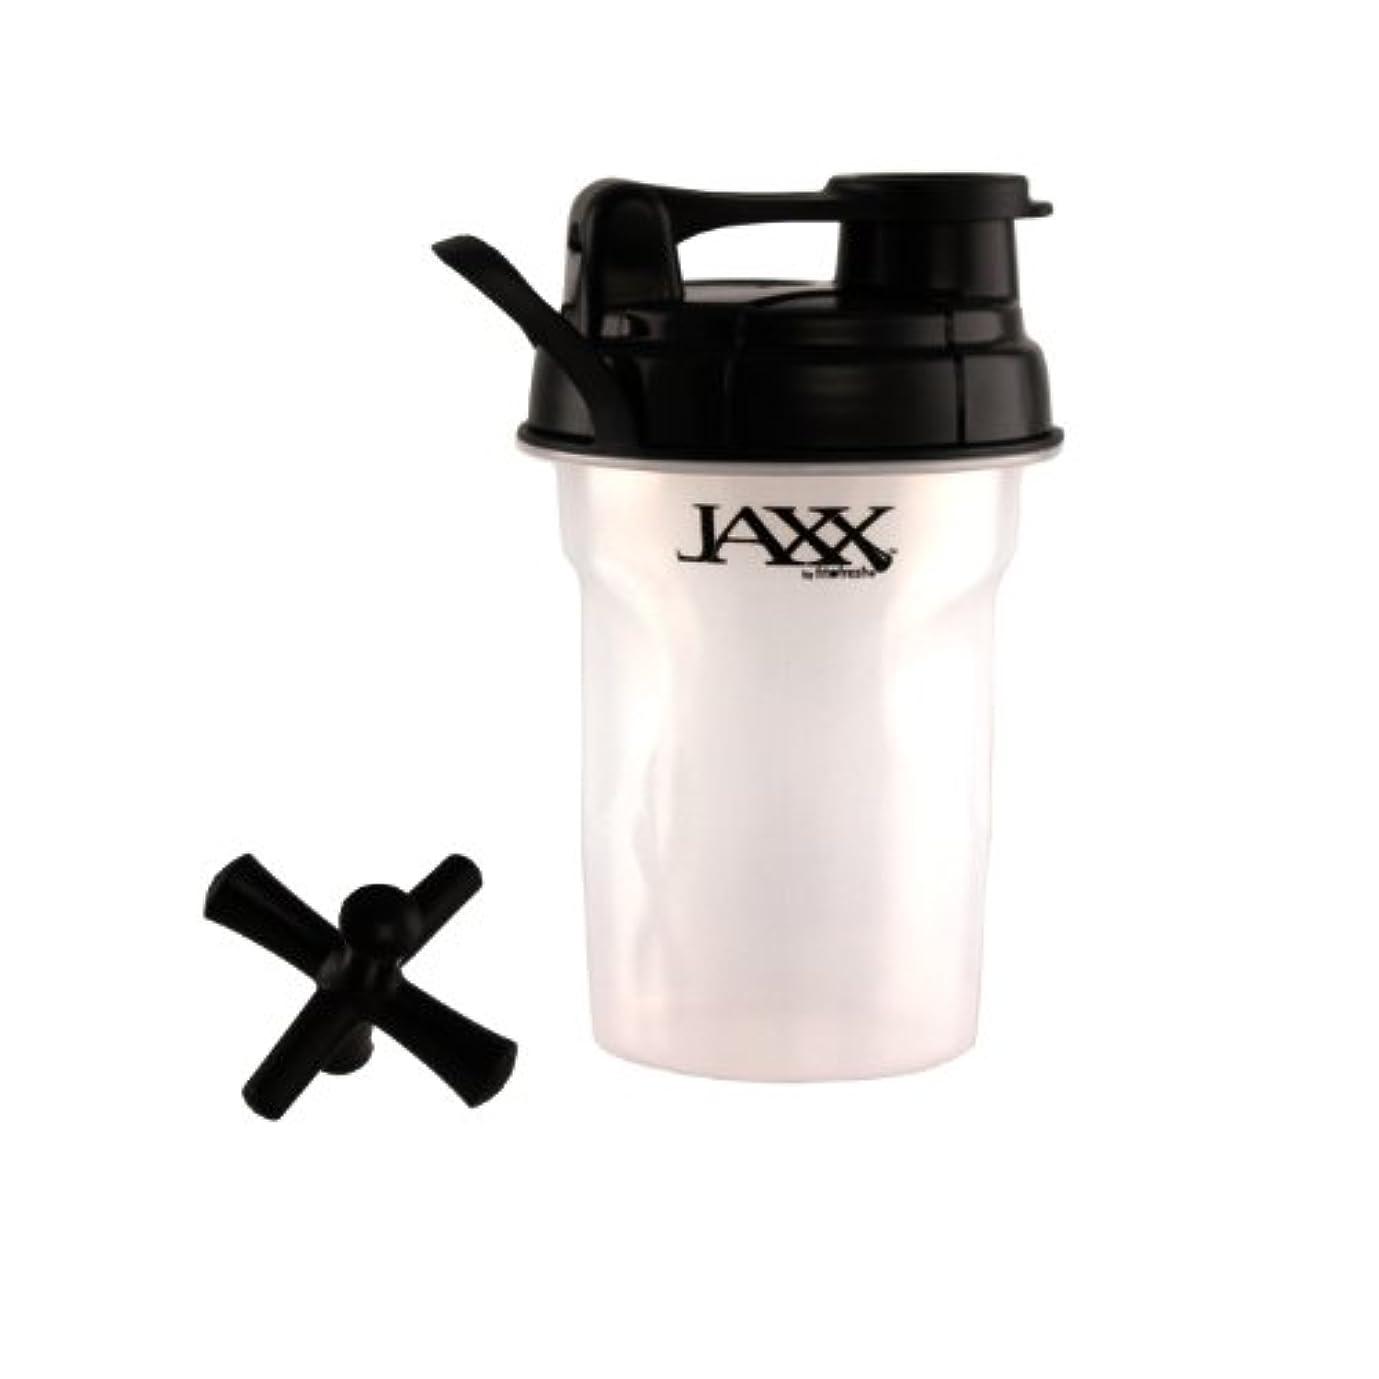 冷蔵するプレゼンテーション閉じ込める海外直送品Jaxx Shaker Assorted Colors, 20 oz by Fit & Fresh